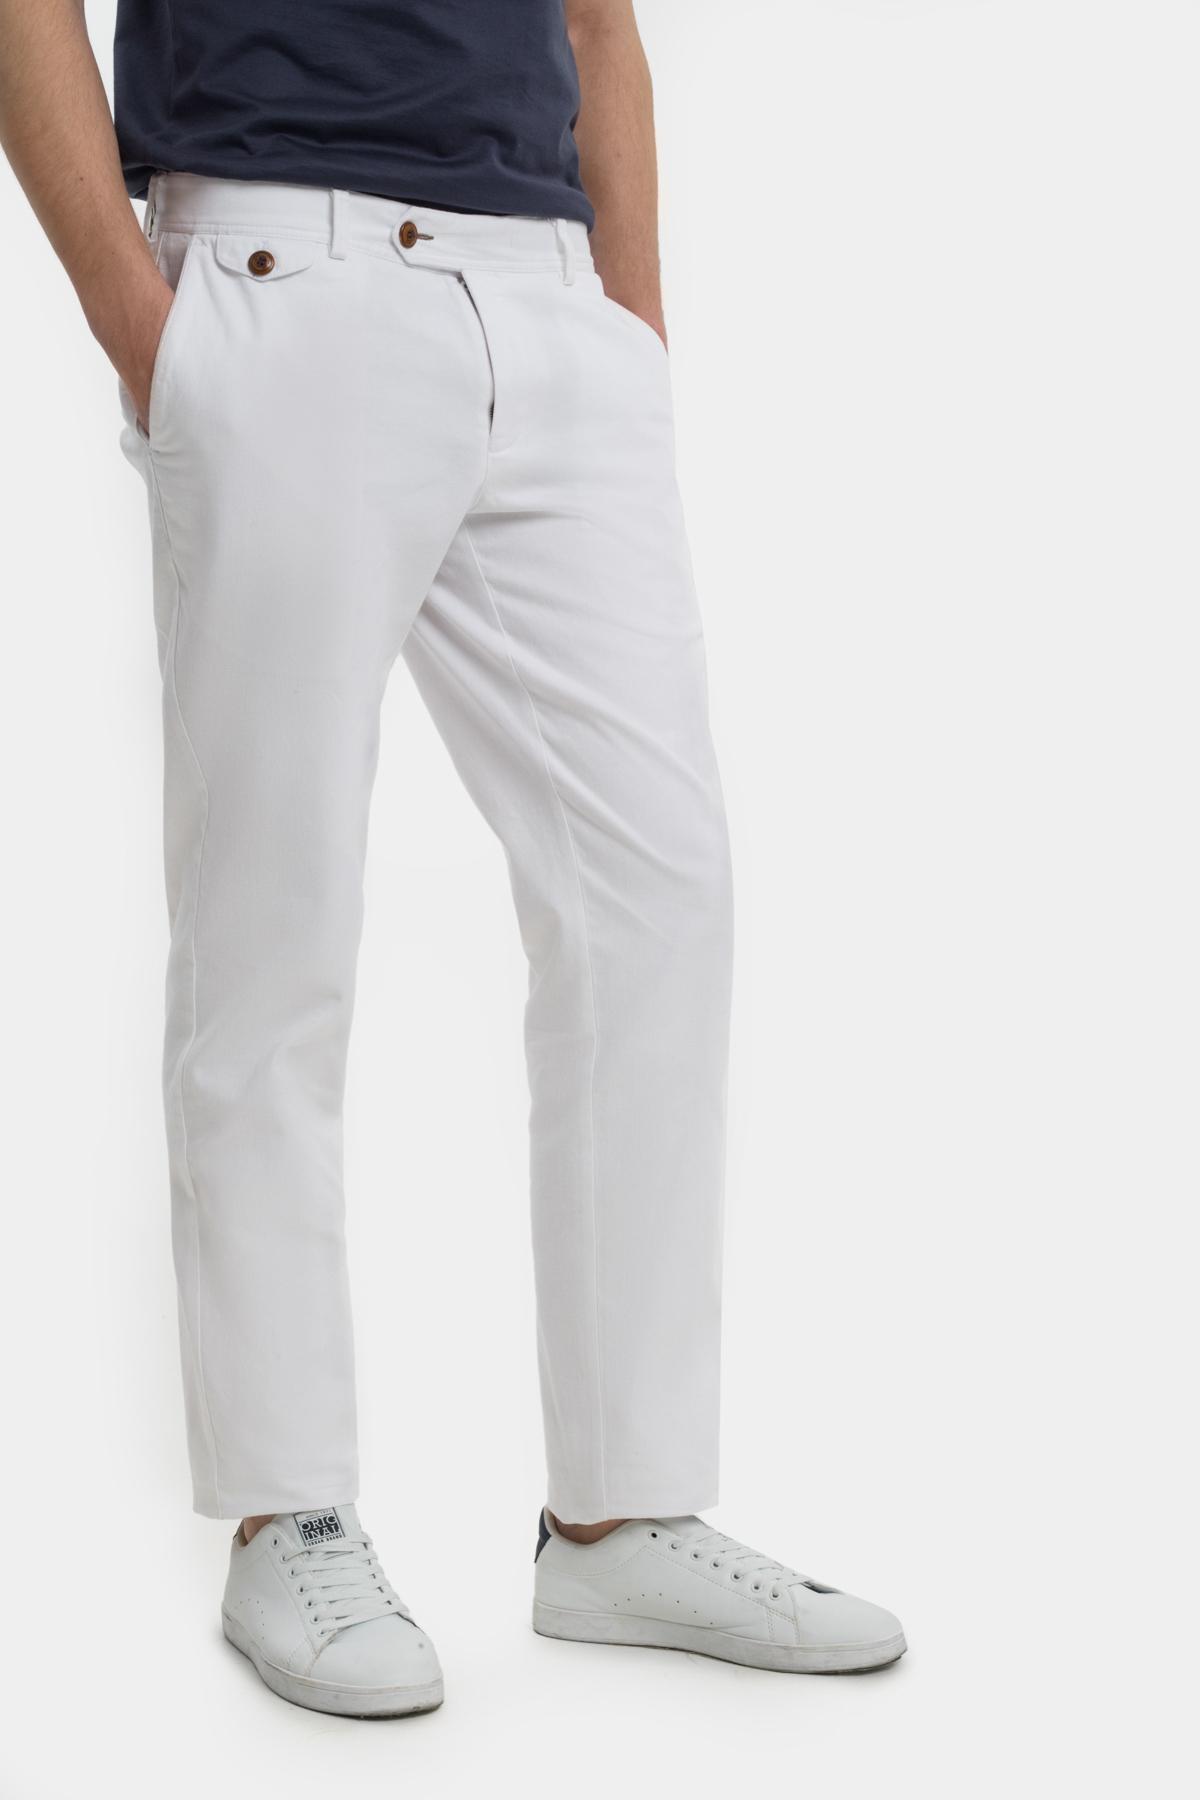 Зауженные брюки «chinos»,  из  хлопка.  Vaismann  21505